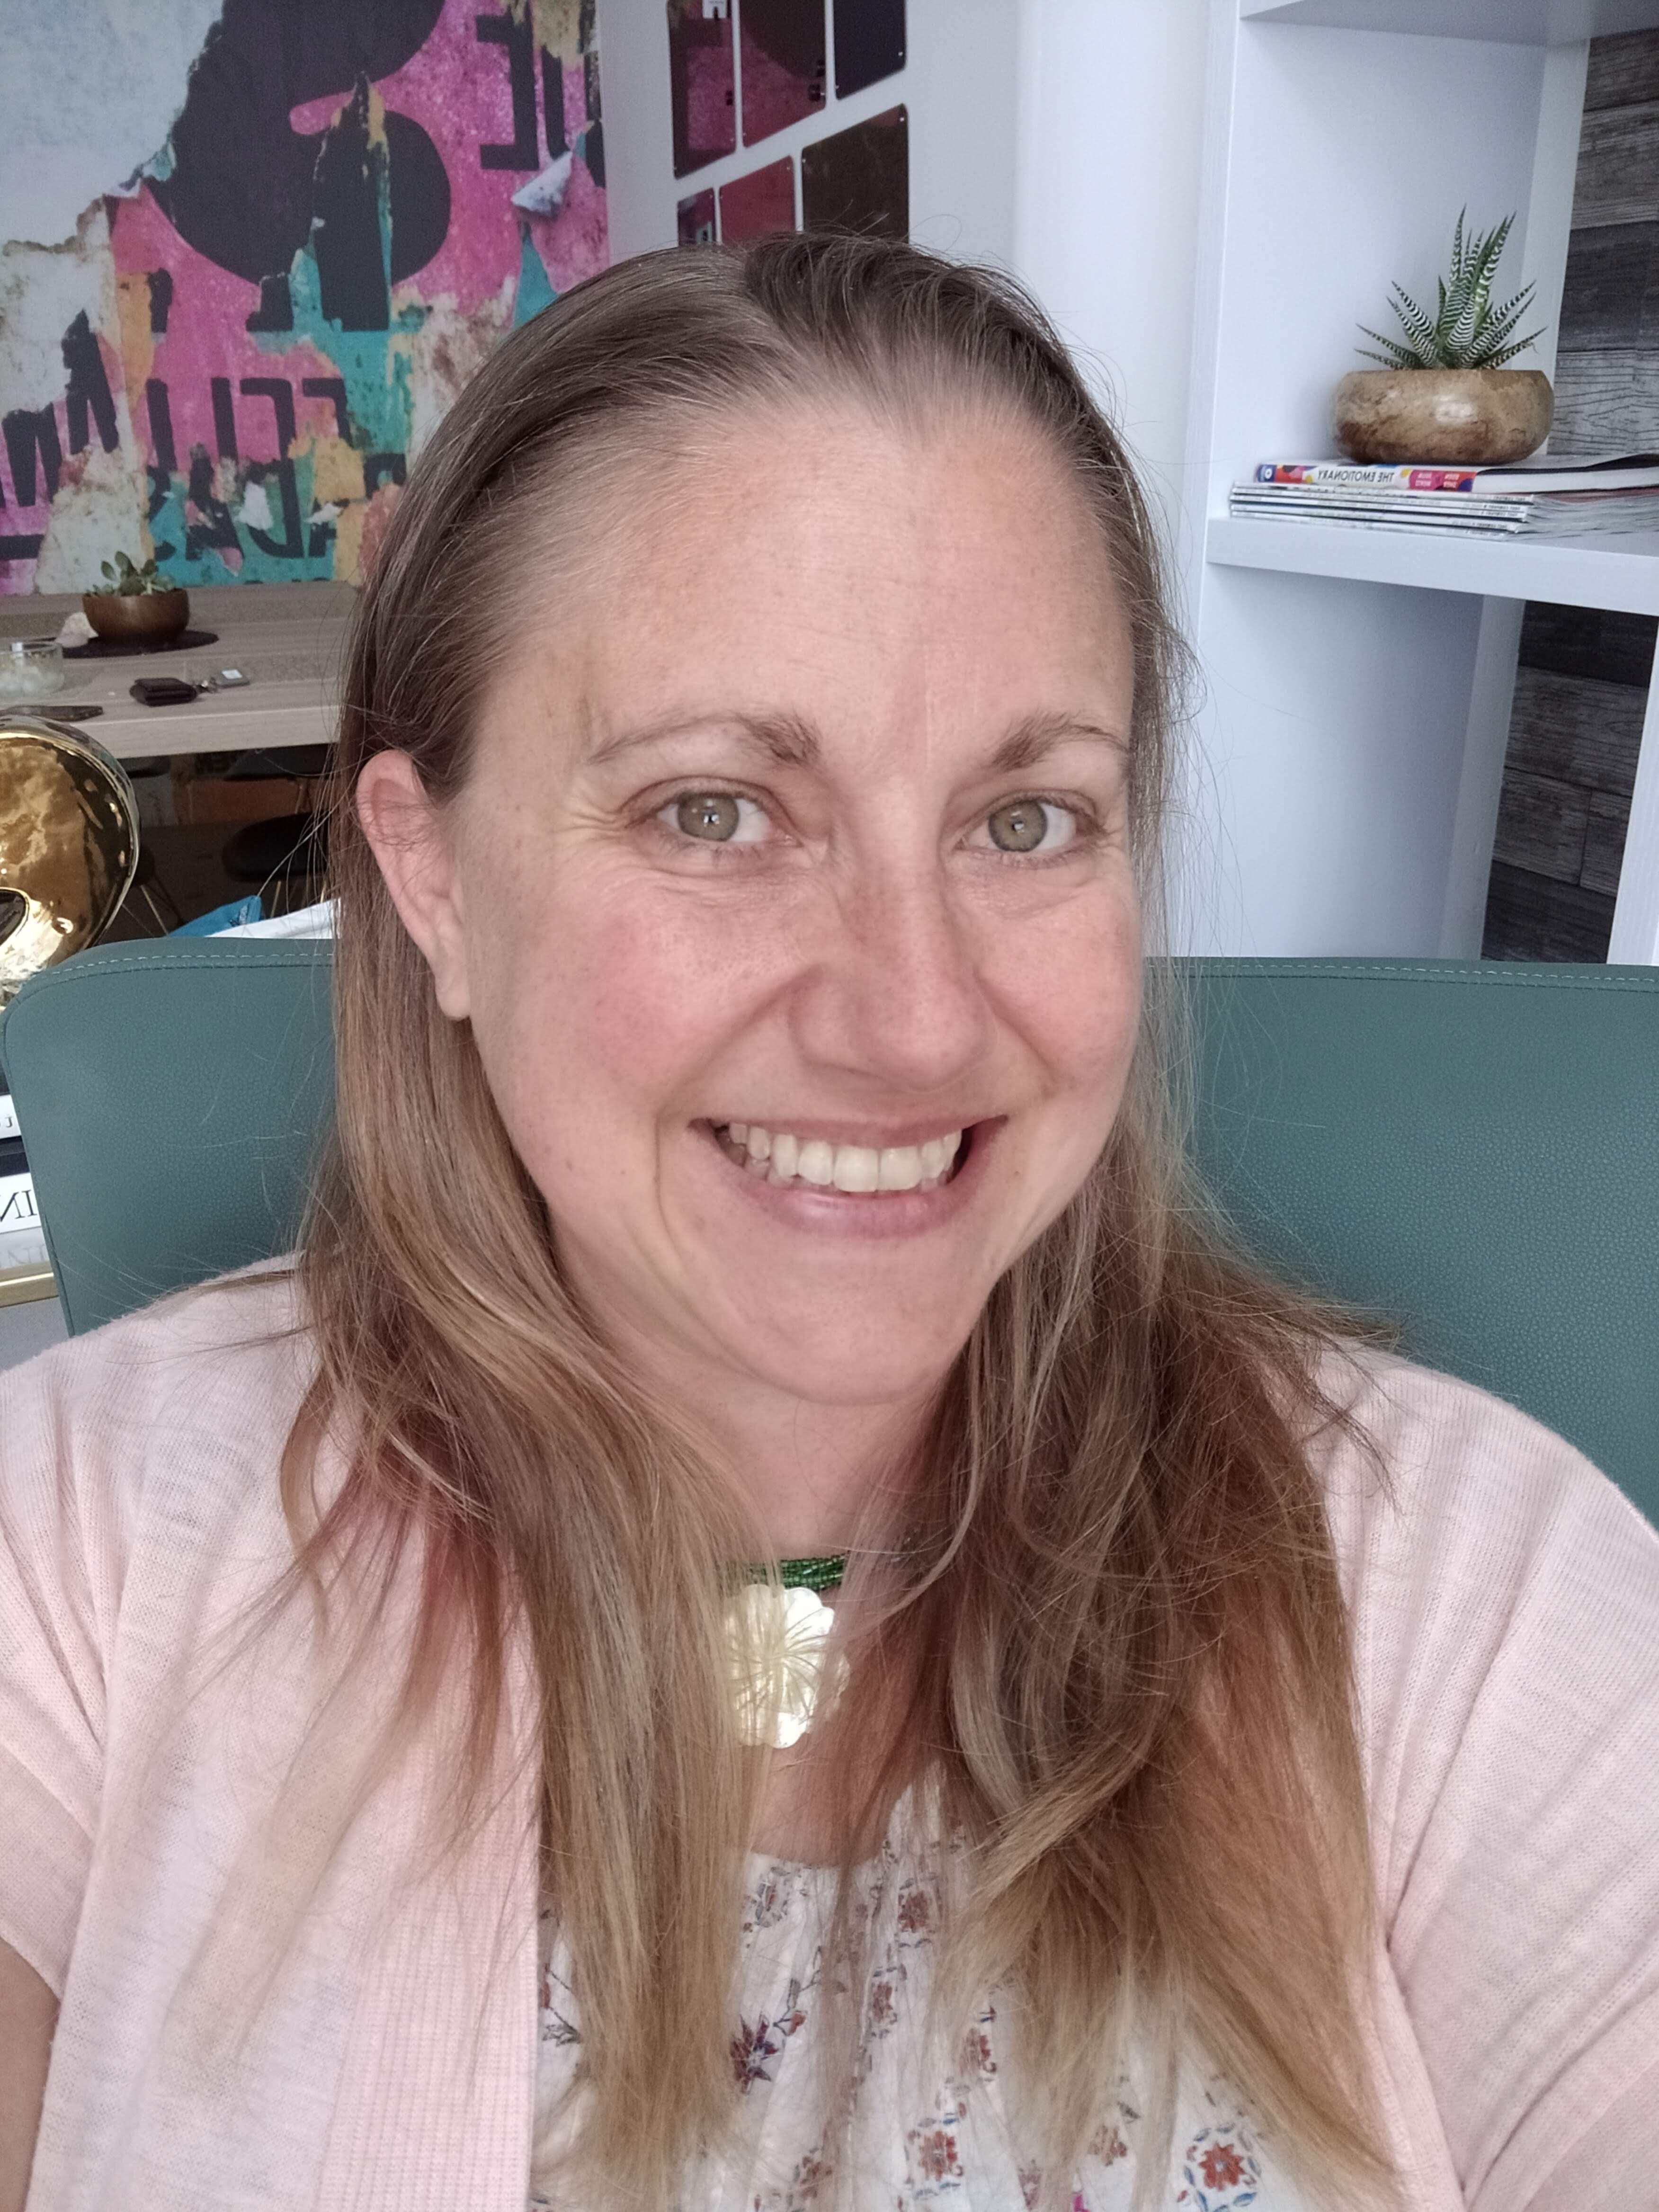 Katie Sturm